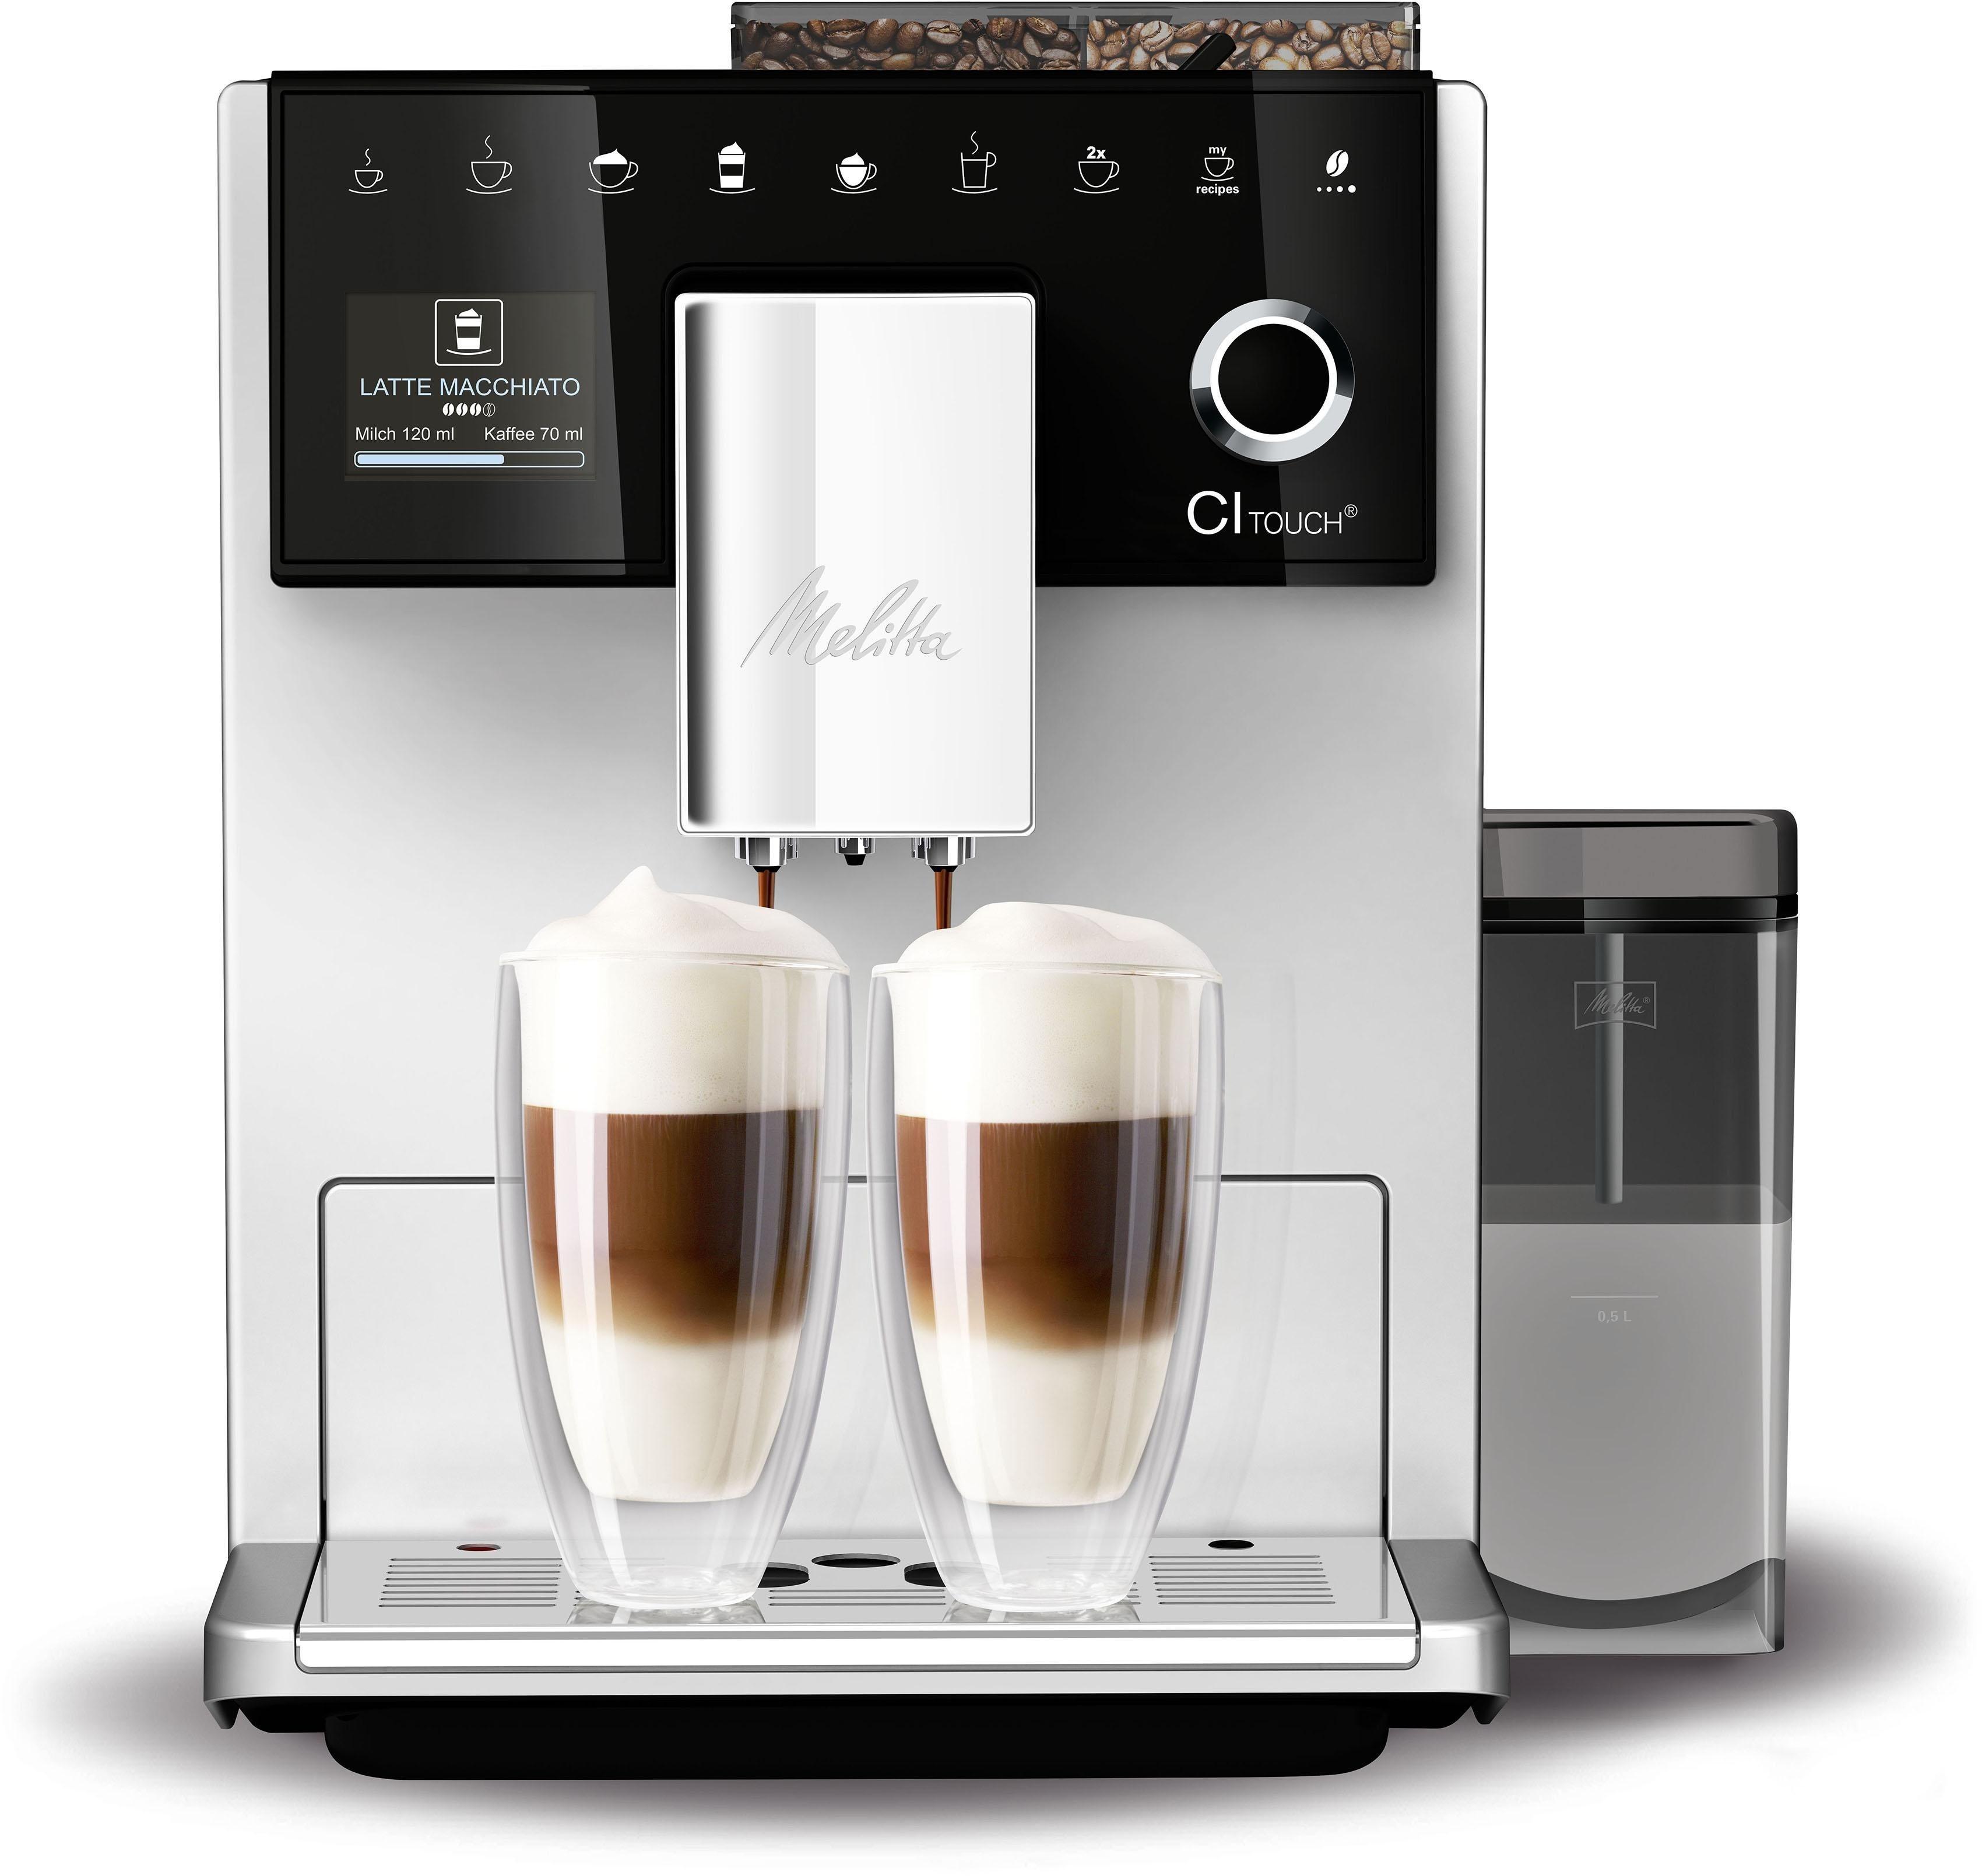 Kaffeevollautomat ® CI Touch® F 630-101, silber/schwarz, Vielfältiger Kaffeegenuss durch insgesamt 10 Kaffeevariationen